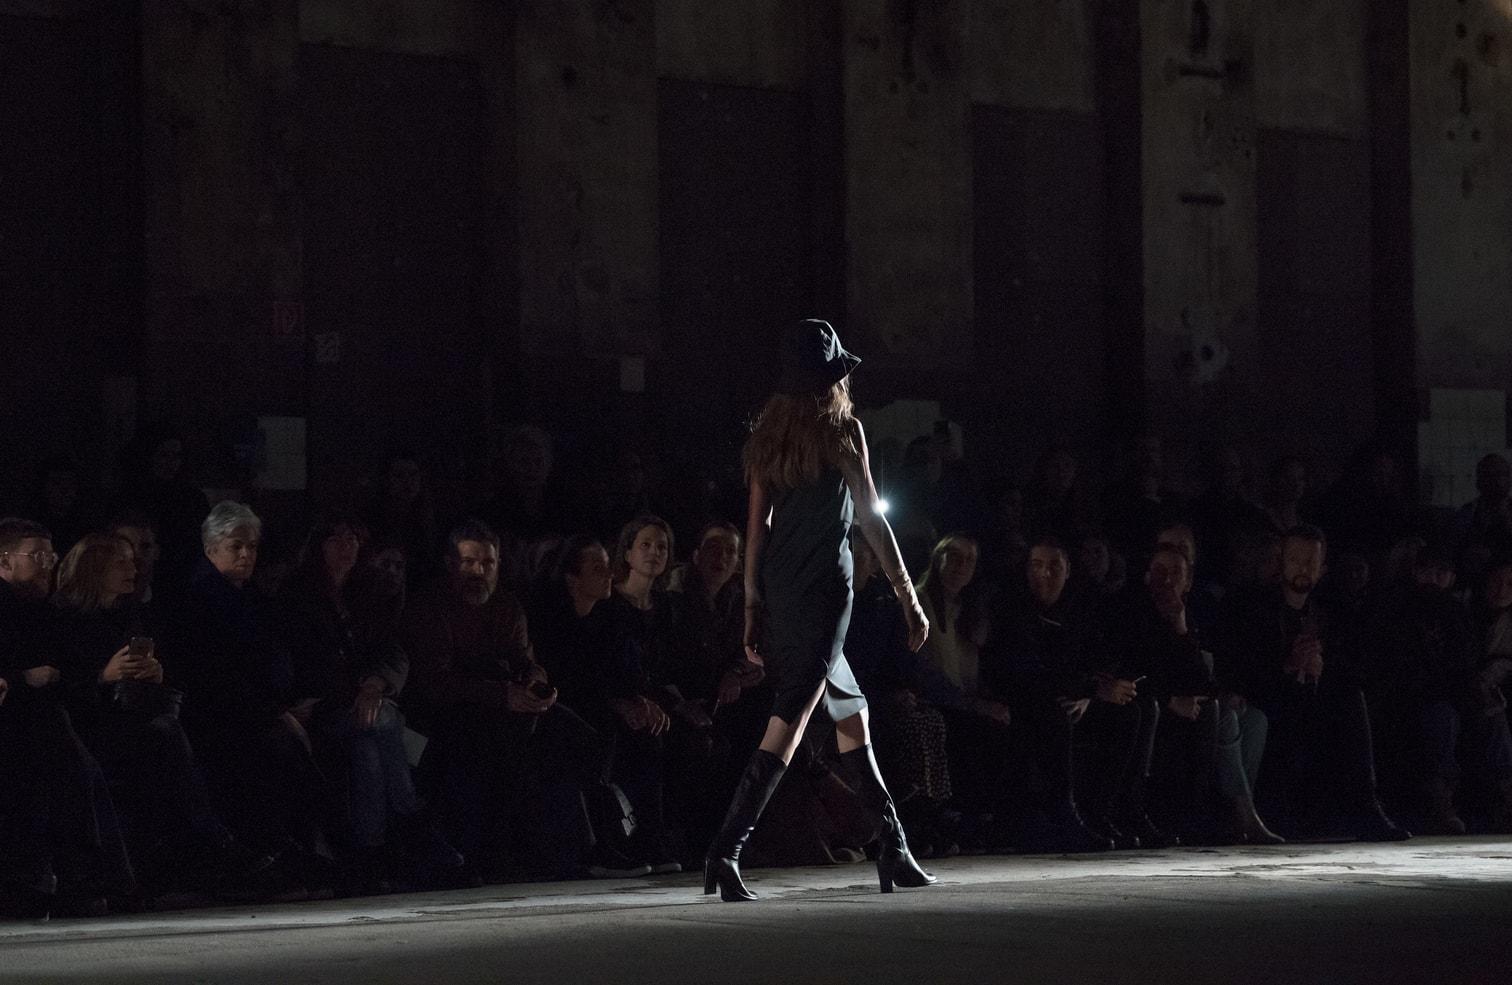 <p>Bei Riani lief auch die diesjährige &bdquo;Germany's Next Topmodel&ldquo;-Gewinnerin Toni Dreher-Adenuga über den Laufsteg. Sie präsentierte beispielsweise ein riesiges Plastik-Cappy